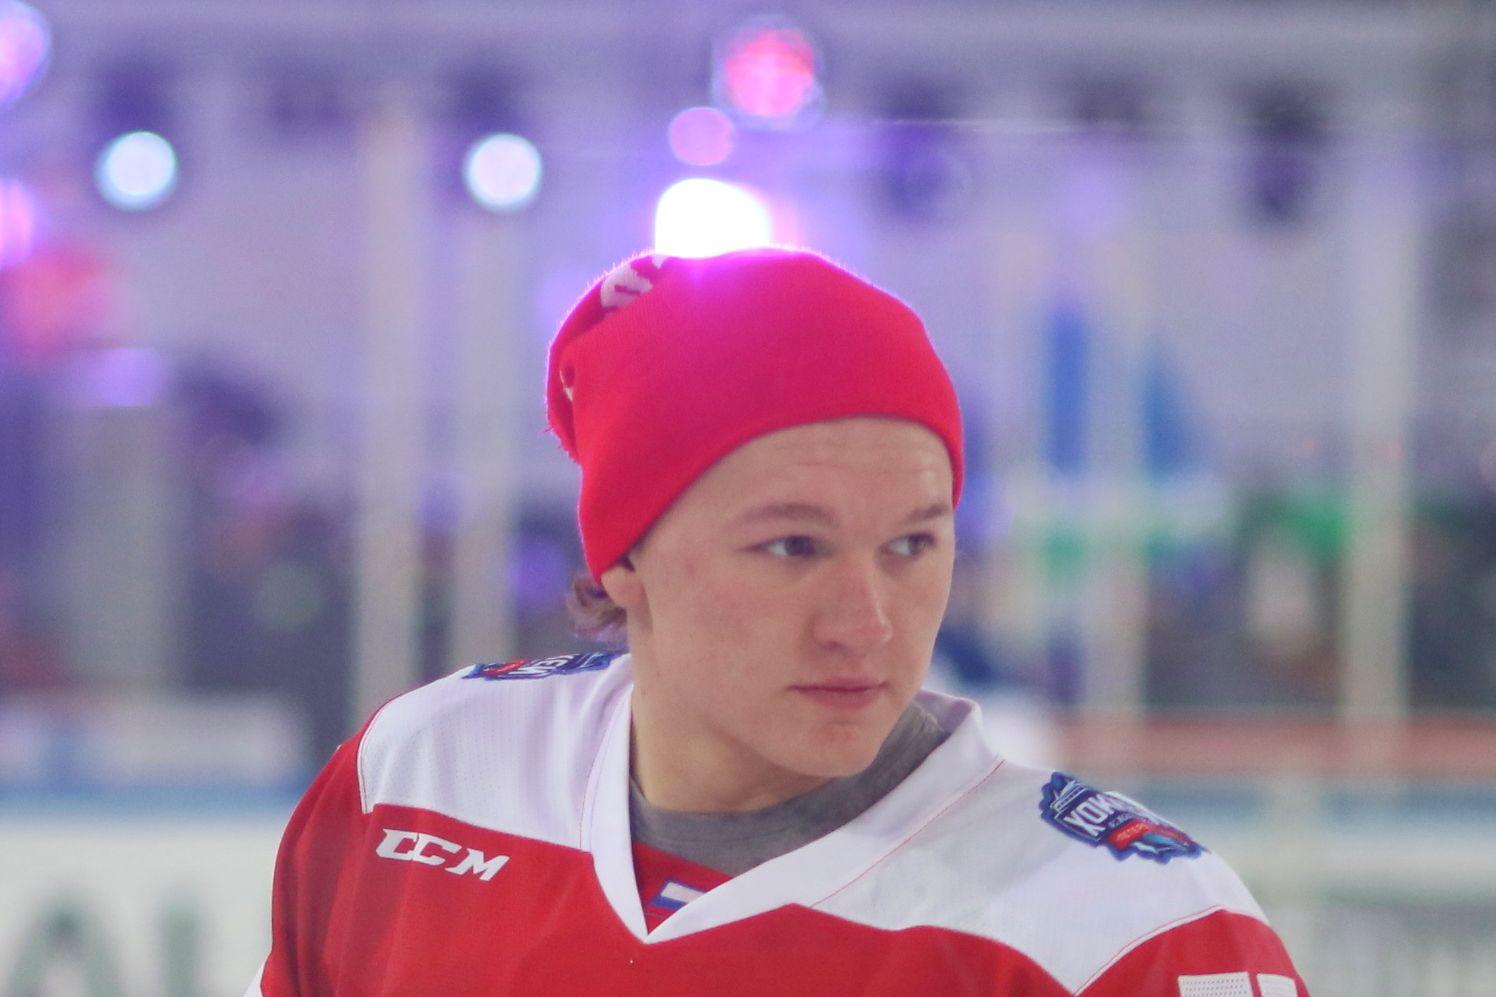 Капризов забросил очередную шайбу в НХЛ (ВИДЕО)